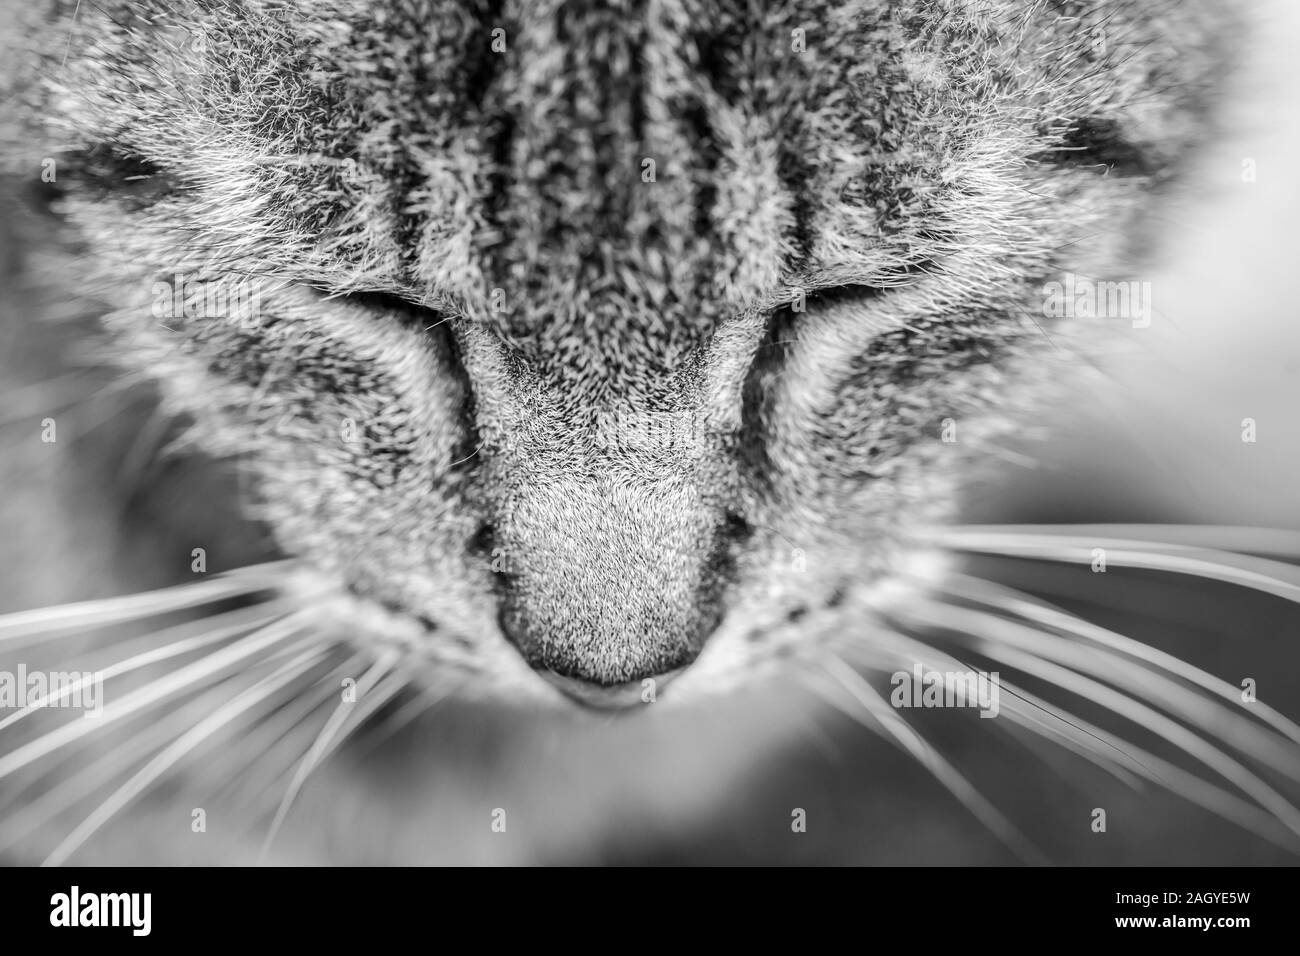 Close-up portrait de chat tigré. Noir et blanc. Fermé les yeux. Chat endormi. Banque D'Images